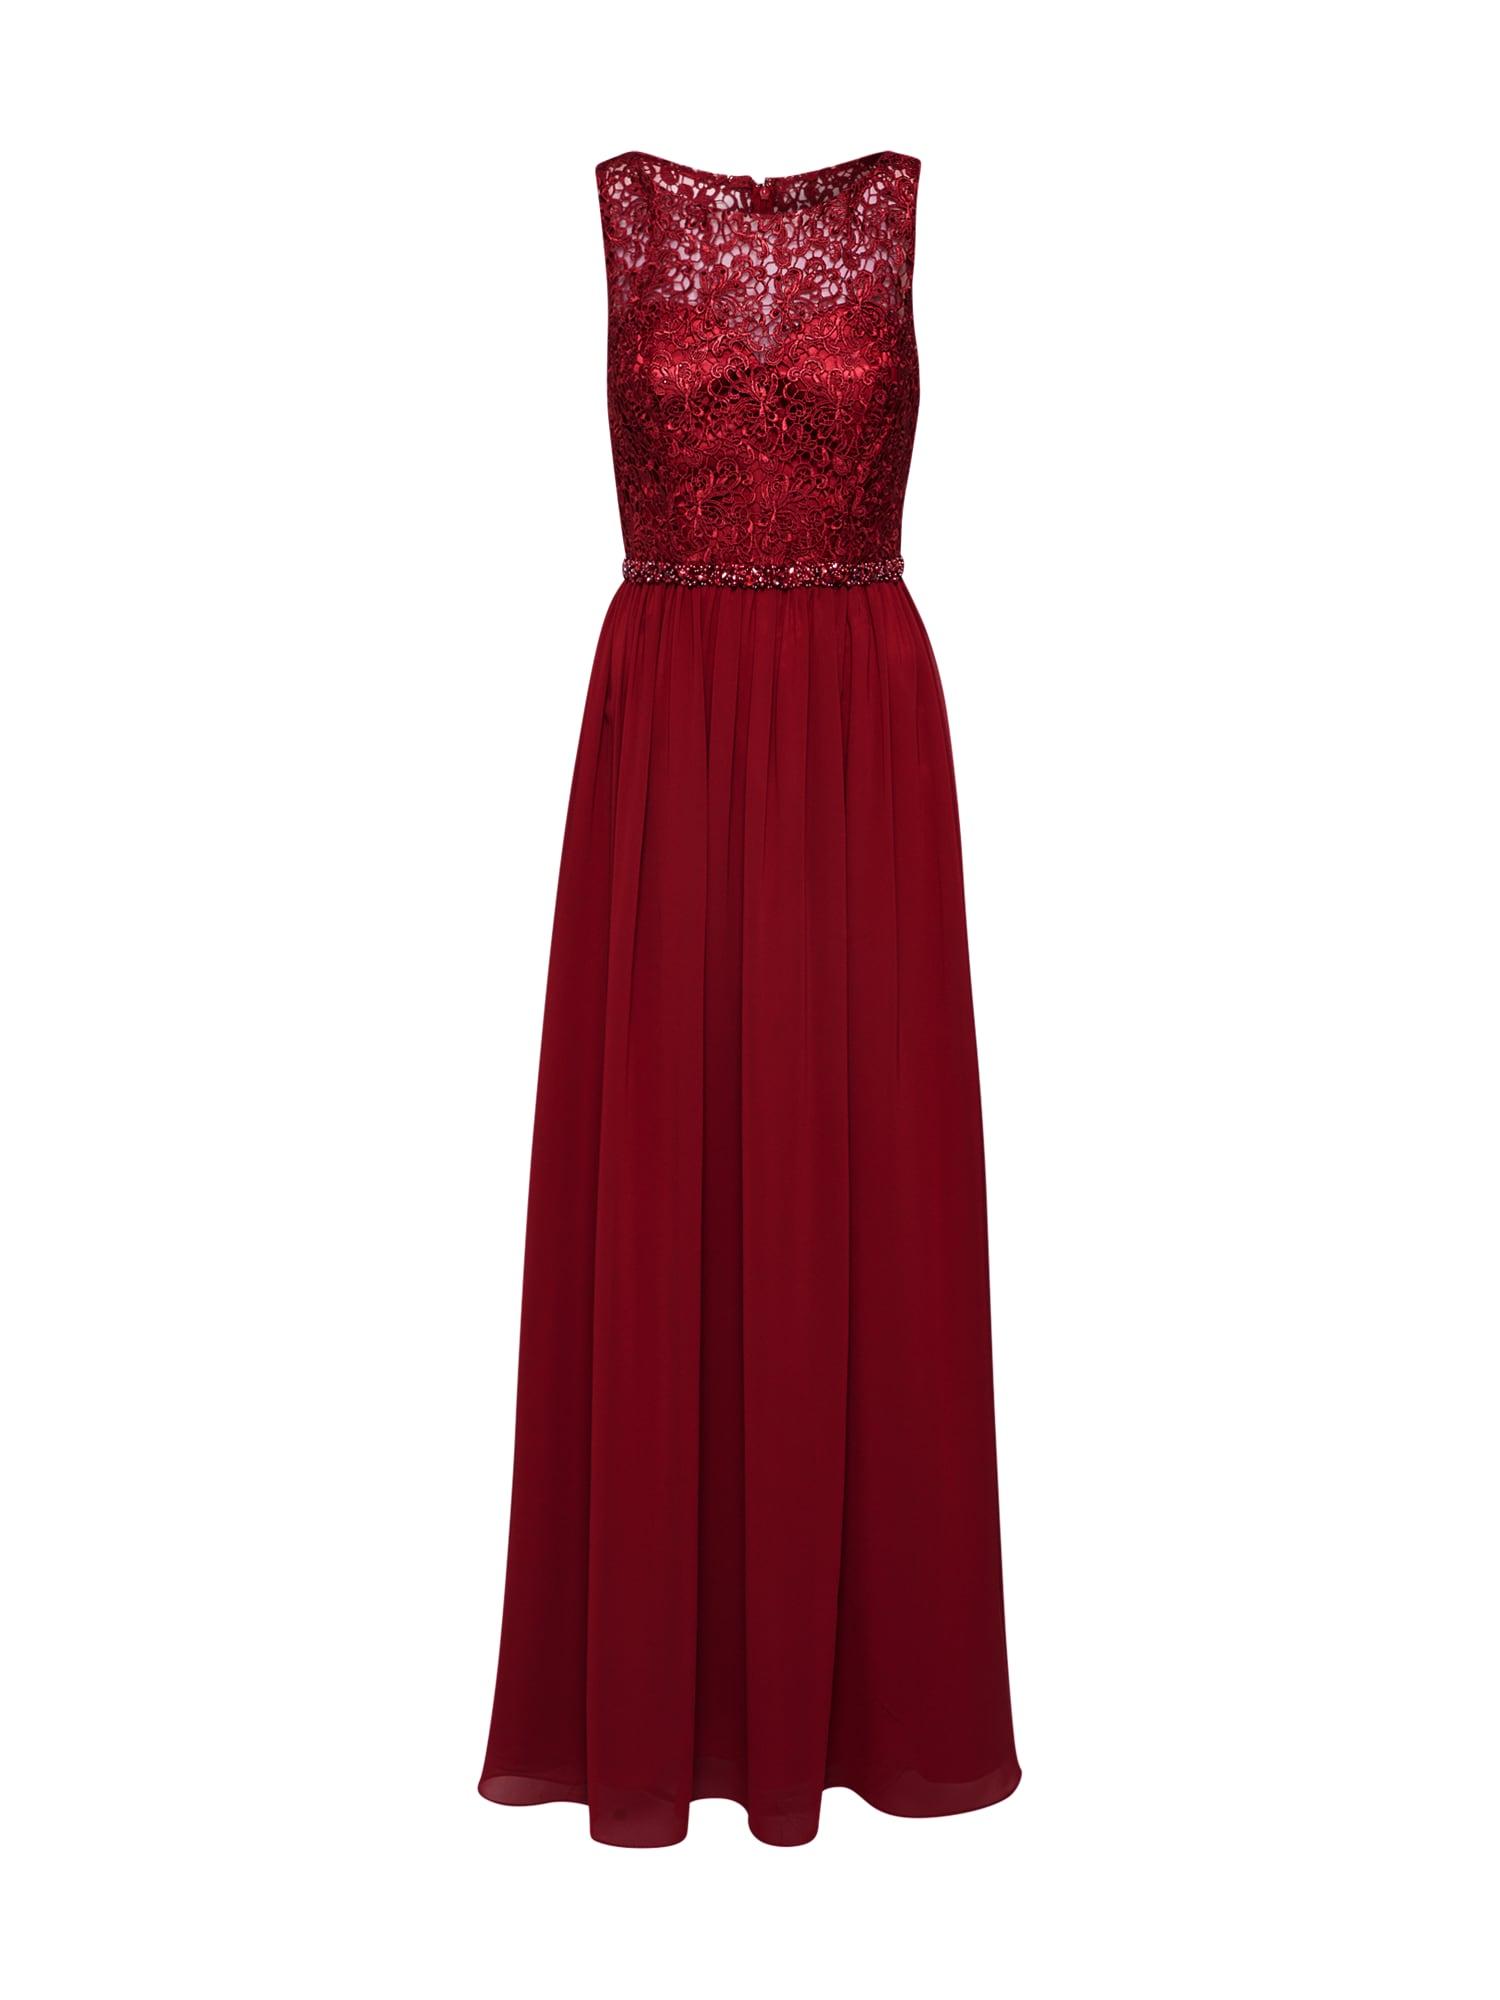 mascara Robe de soirée 'LACE TOP'  - Rouge - Taille: 34 - female